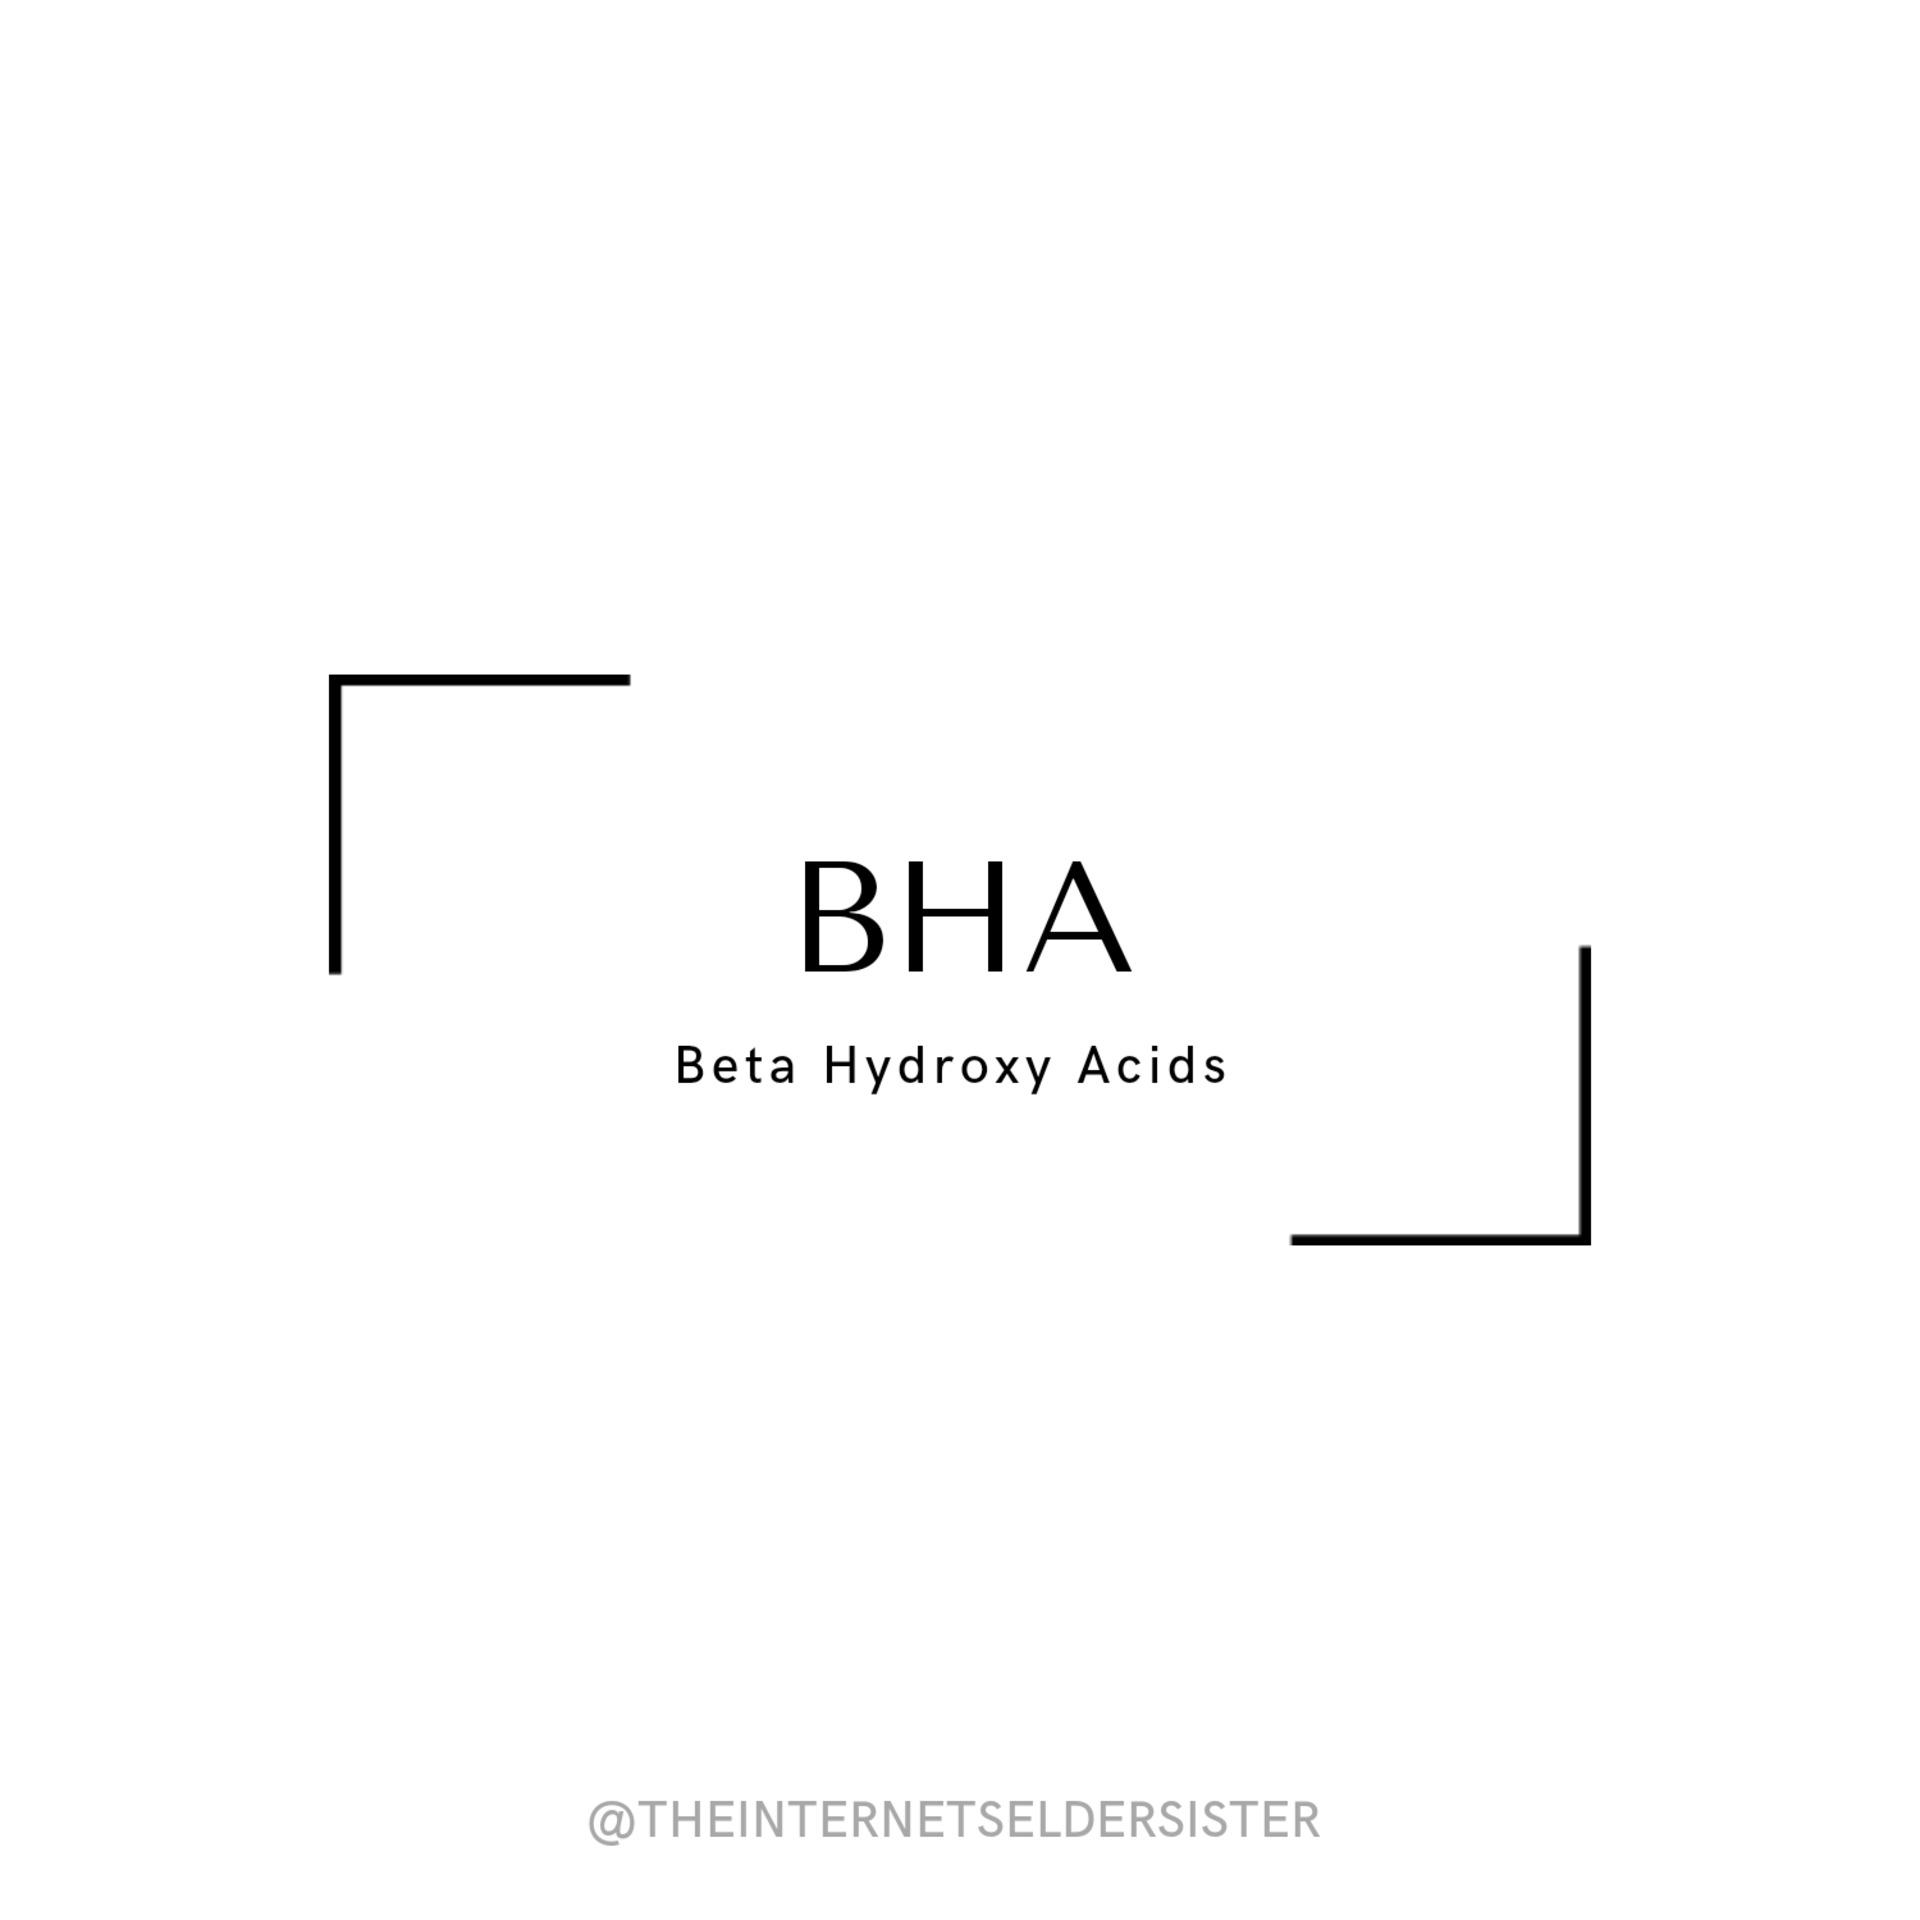 Beta beth jao, Beta hydroxy Acids aaye he image